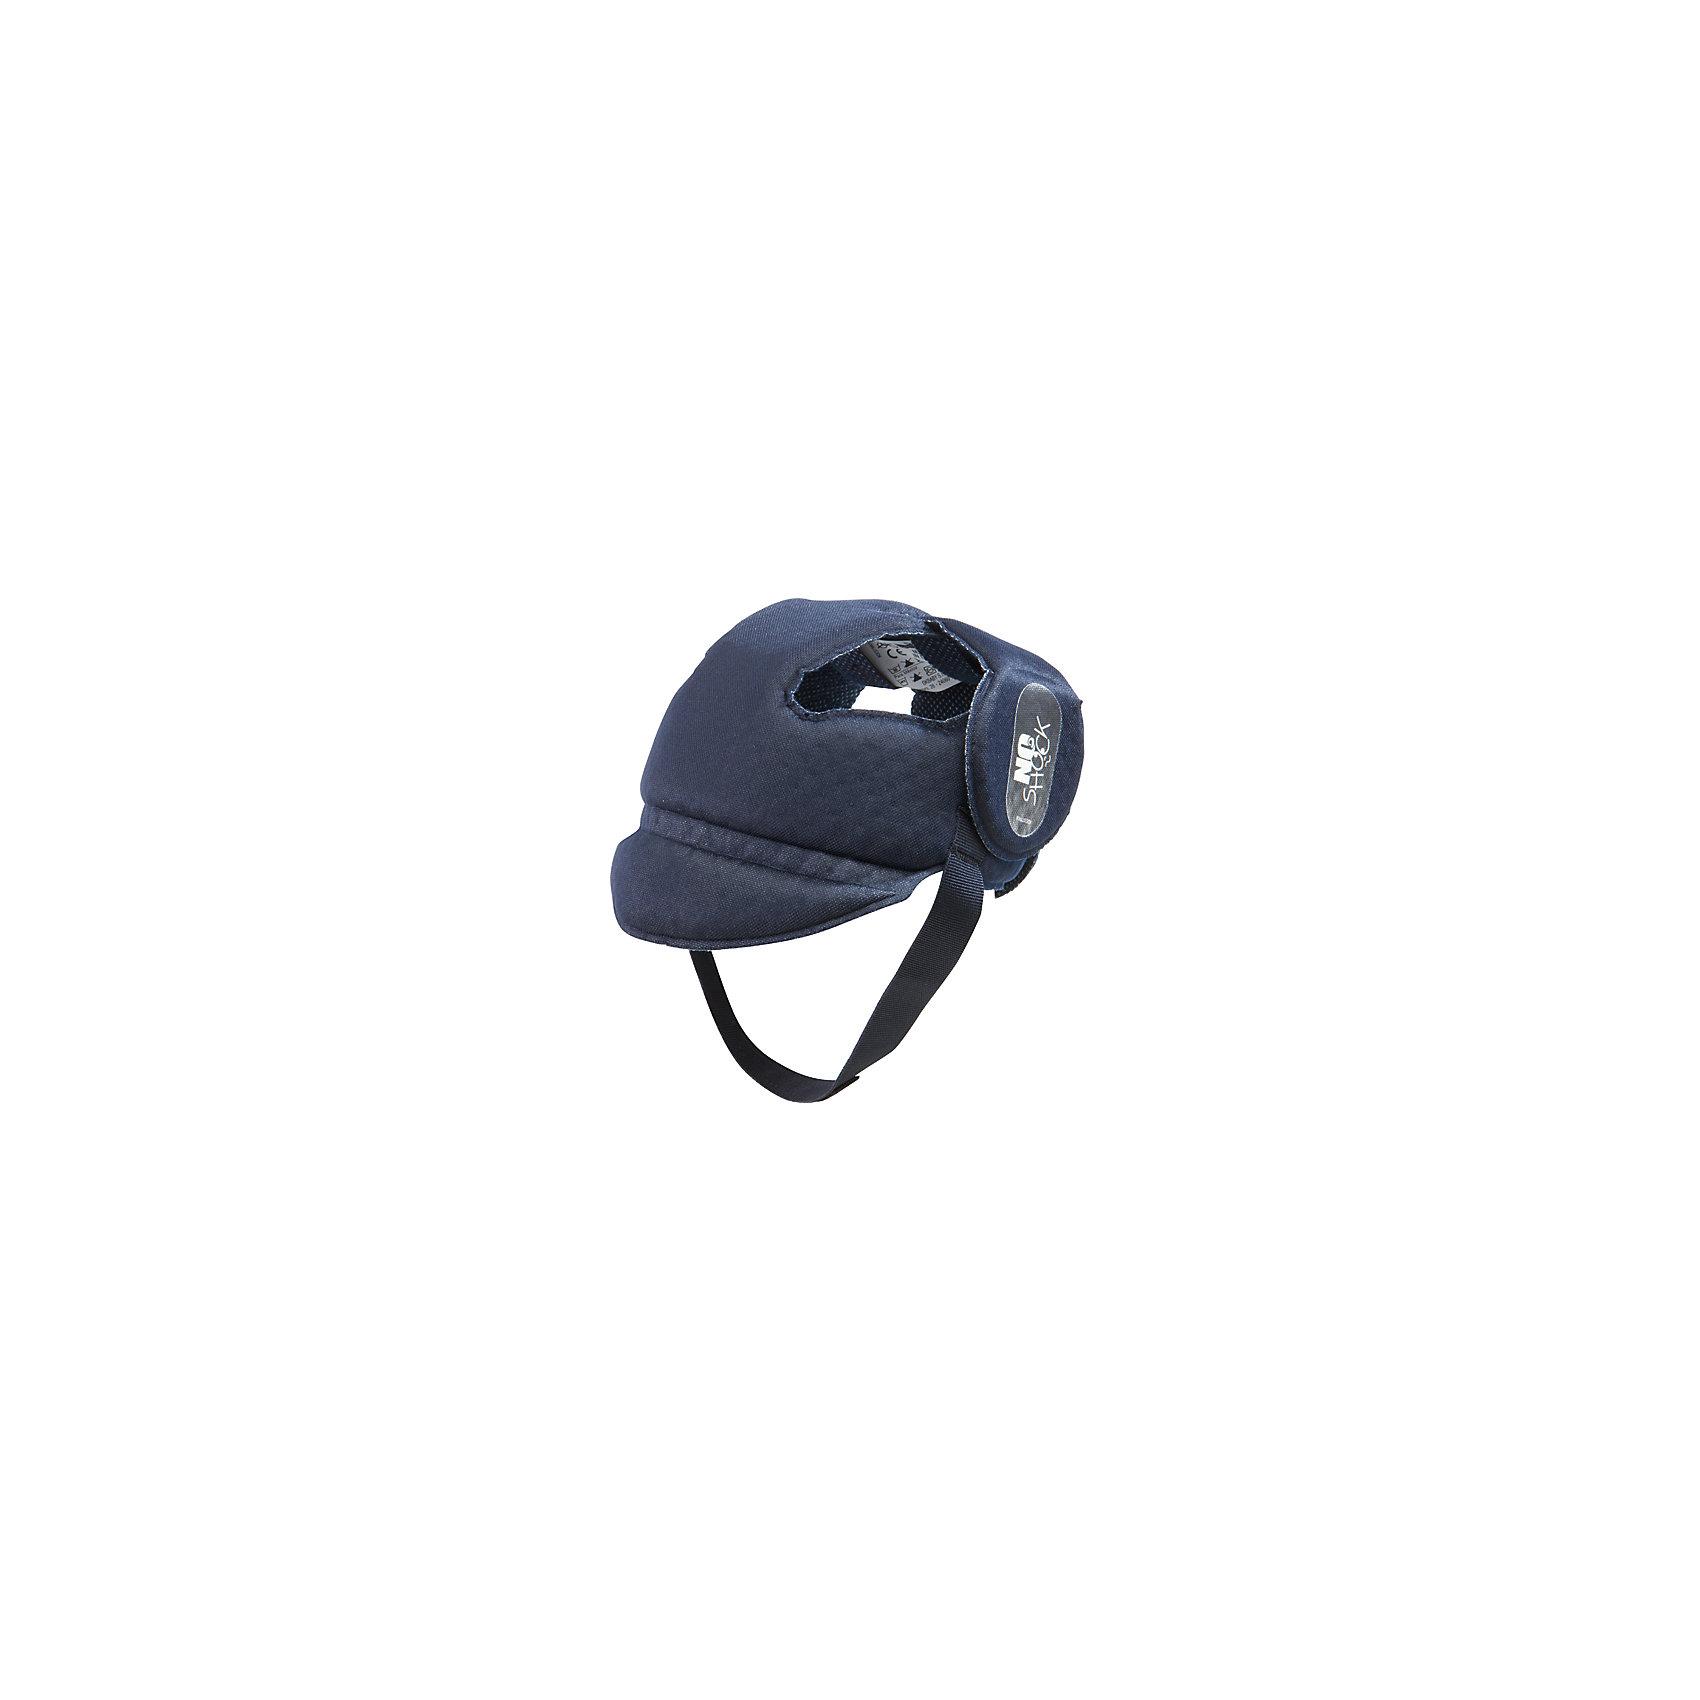 Противоударный шлем No Shock, Ok Baby, синийПрочие товары для безопасности<br>Противоударный шлем No Shock защитит голову малыша во время падений, обеспечив комфорт и безопасность в любой ситуации. Дополнительную защиту в области носа создает  козырек. Мягкий ремешок не натирает шею. Внутреннее покрытие шлема выполнено из специального мягкого полотна, обработанного методом Sanitized, предотвращающим образование плесени и бактерий. <br><br>Дополнительная информация:<br><br>- Материал: внешнее покрытие - 100% полиэфирная ткань; внутреннее покрытие - мягкая ткань. <br>- Размер головы: 44-52.<br>- Рекомендуемый возраст: от 8 до 36 месяцев.<br>- Козырек, защищающий нос.<br>- Можно стирать. <br>- Мягкий ремешок. <br>- Выдерживает до 10 кг. <br><br>Противоударный шлем No Shock, Ok Baby, синий, можно купить в нашем магазине.<br><br>Ширина мм: 150<br>Глубина мм: 130<br>Высота мм: 100<br>Вес г: 200<br>Возраст от месяцев: 6<br>Возраст до месяцев: 18<br>Пол: Унисекс<br>Возраст: Детский<br>SKU: 4443730